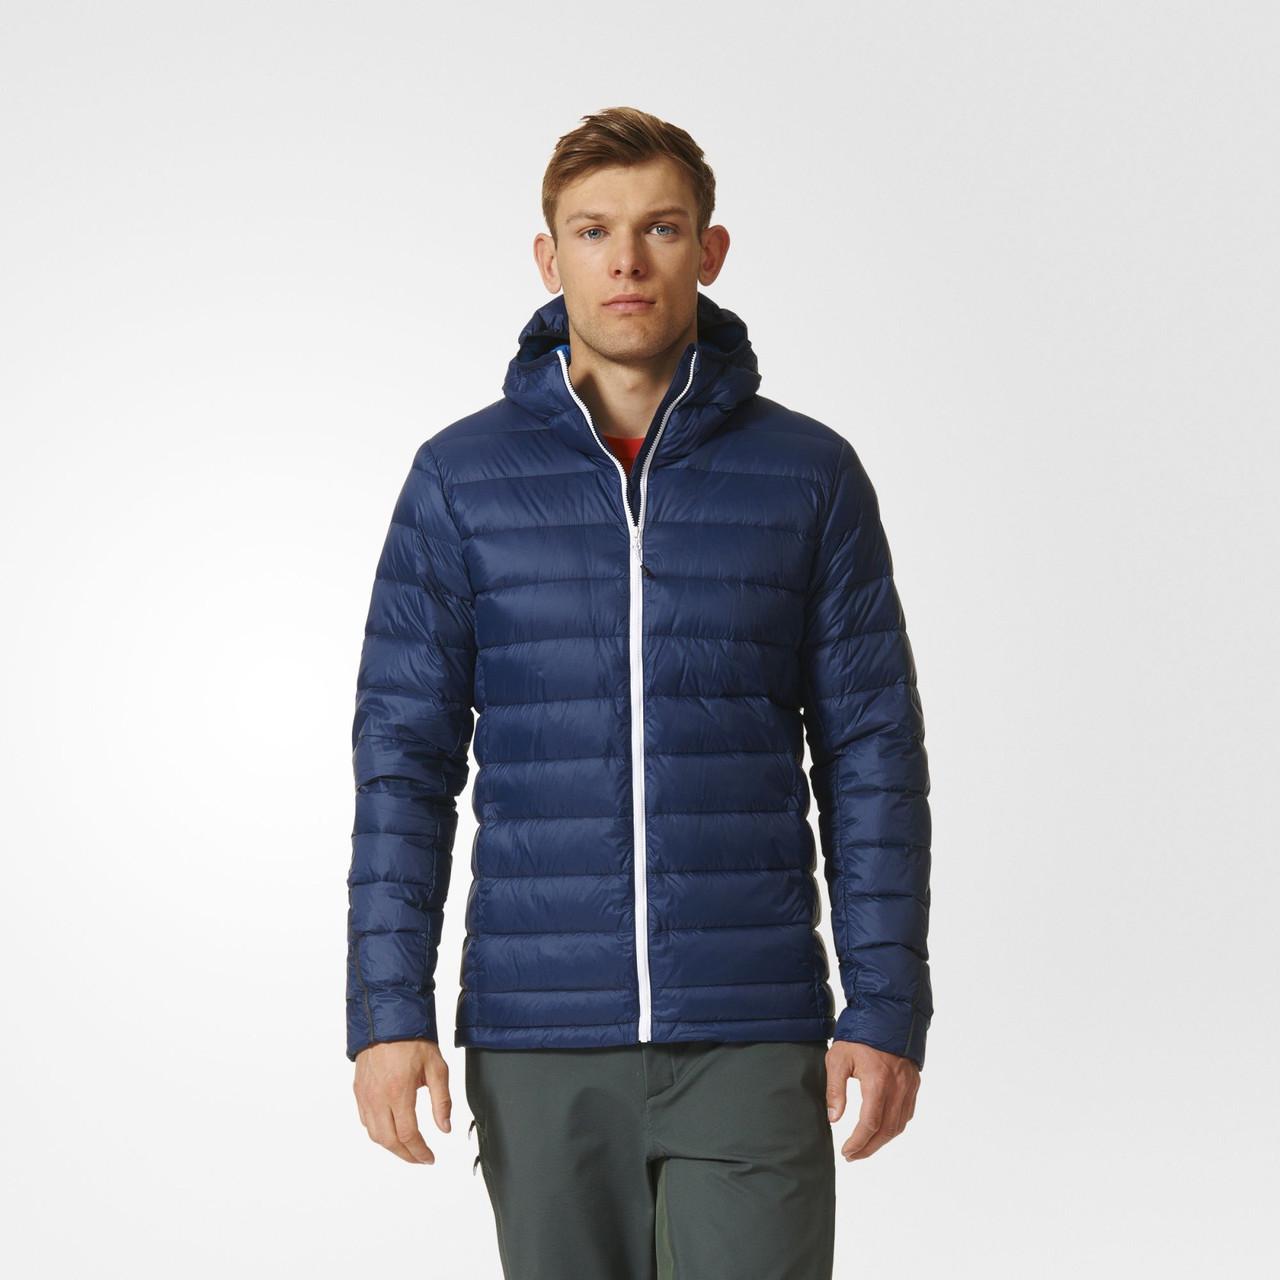 Купить Мужская куртка Adidas (Артикул  AP8376) в интернет магазине ... 07189eb7e88